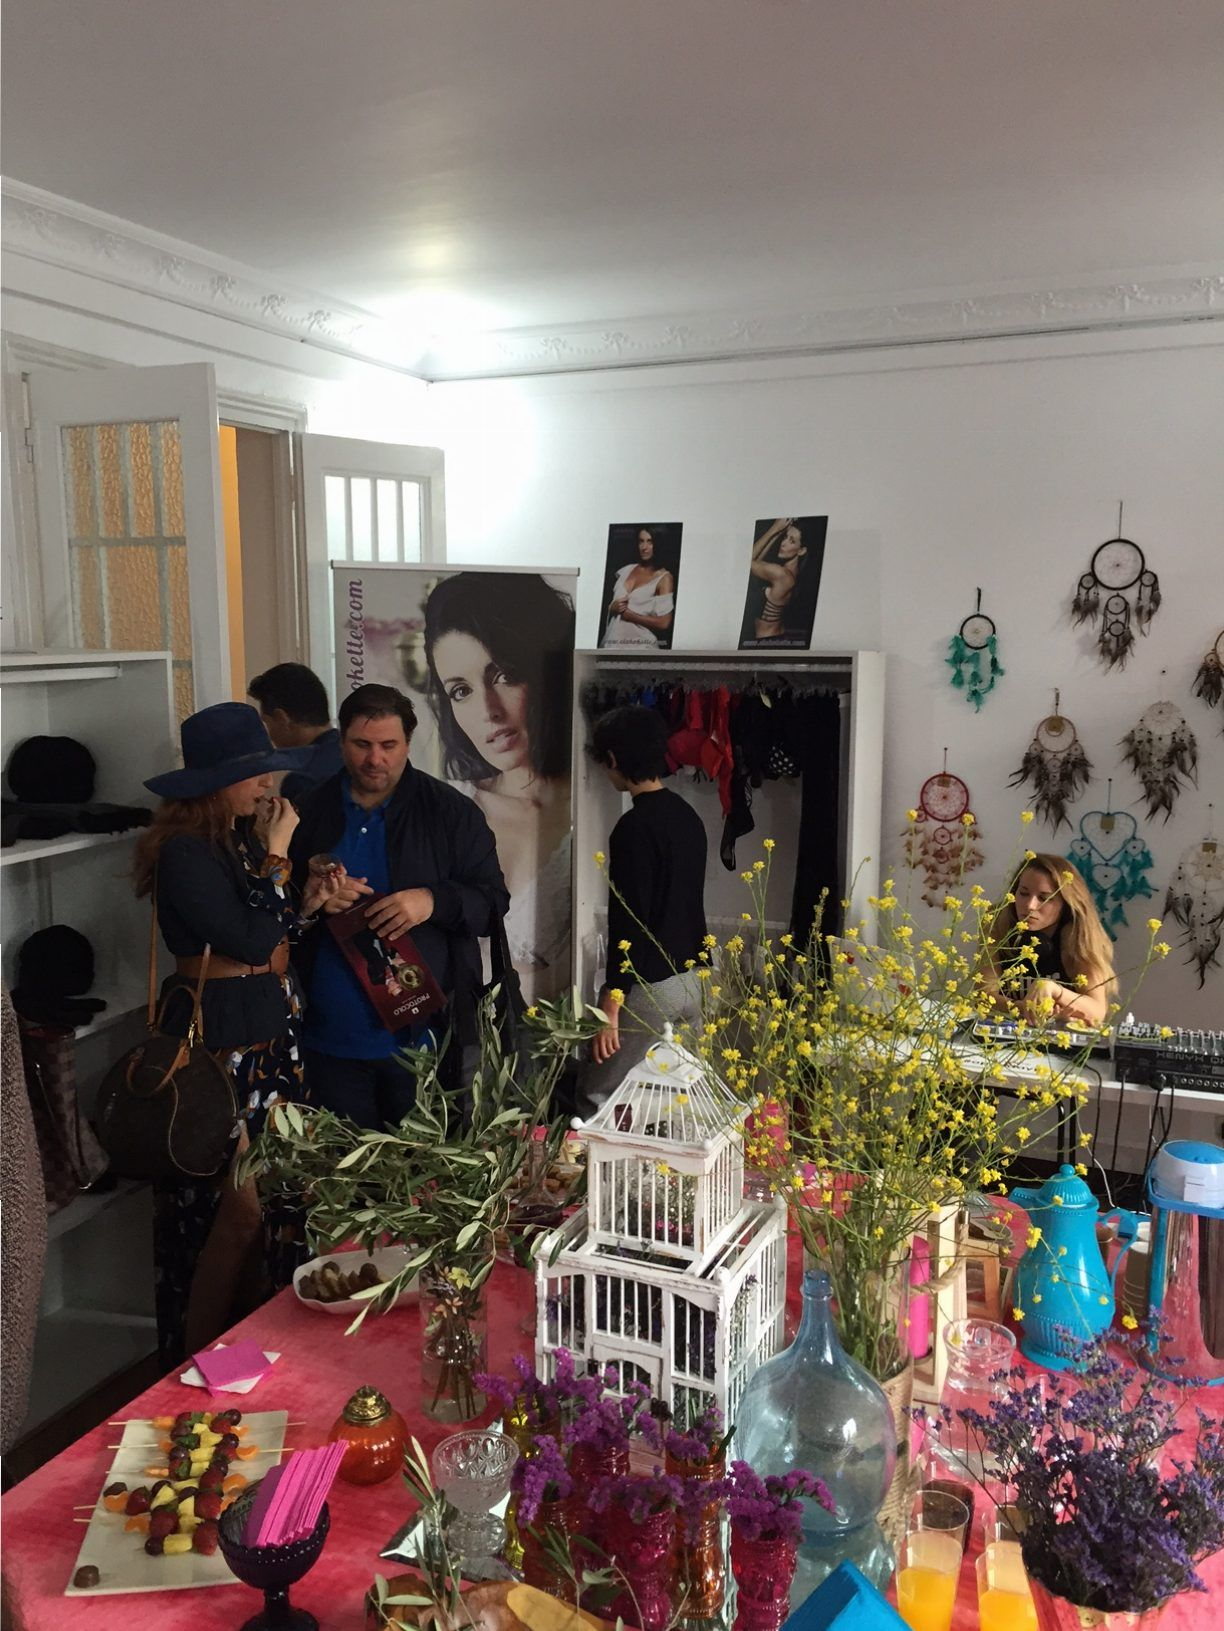 Presentacíón de lenceria elegante sexy presentación de imagen de Noelia4